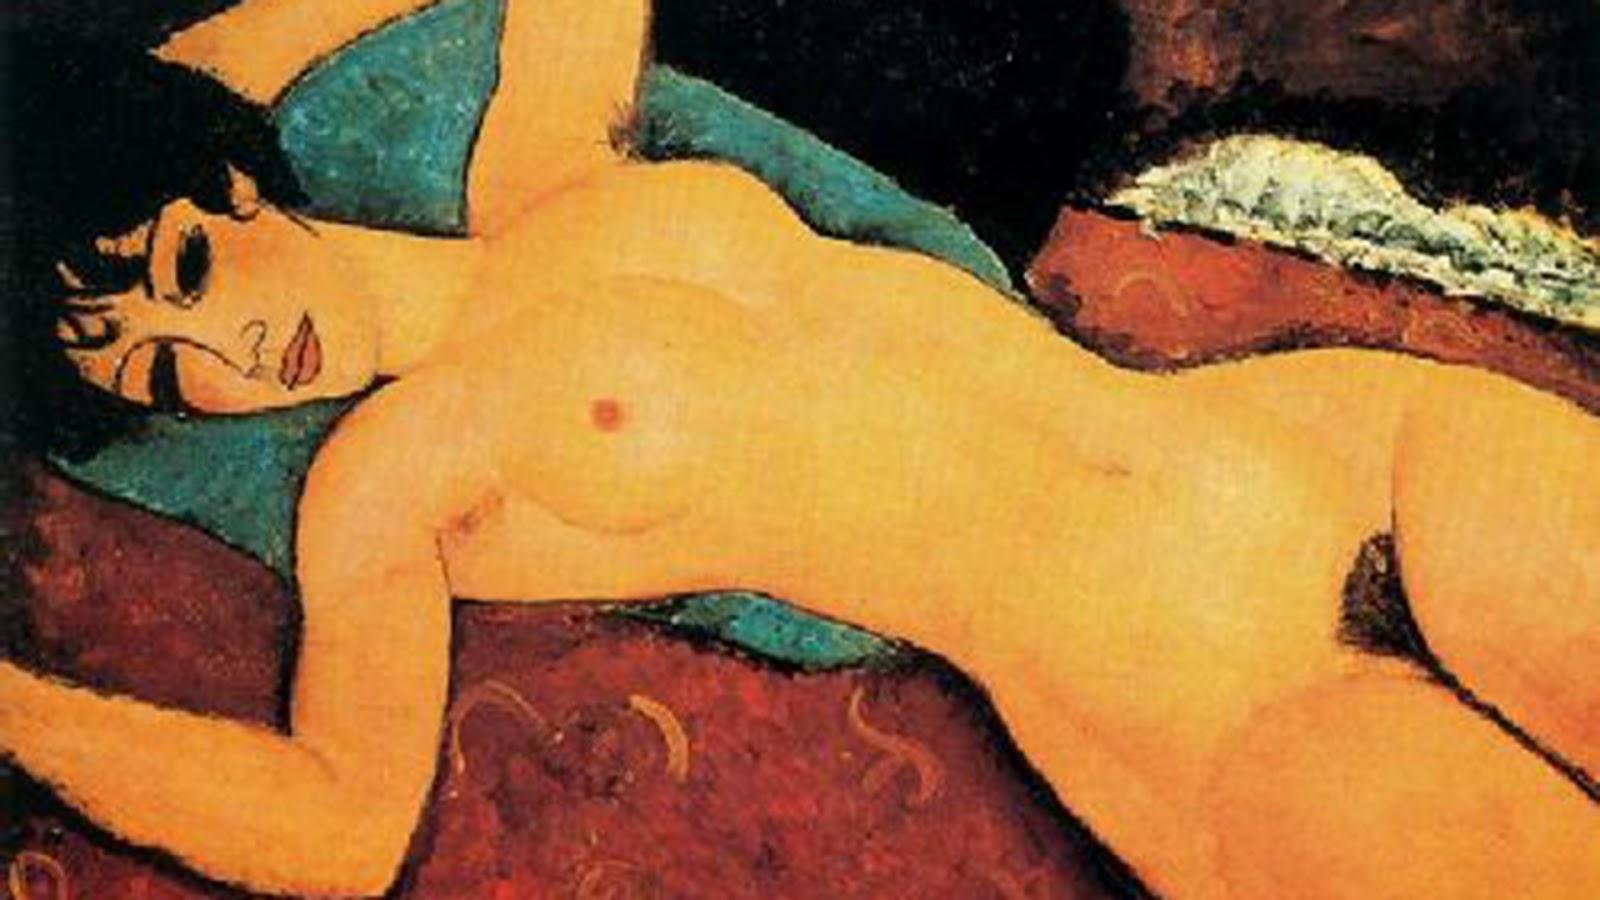 Desnudo Acostado de Amadeo Modigliani